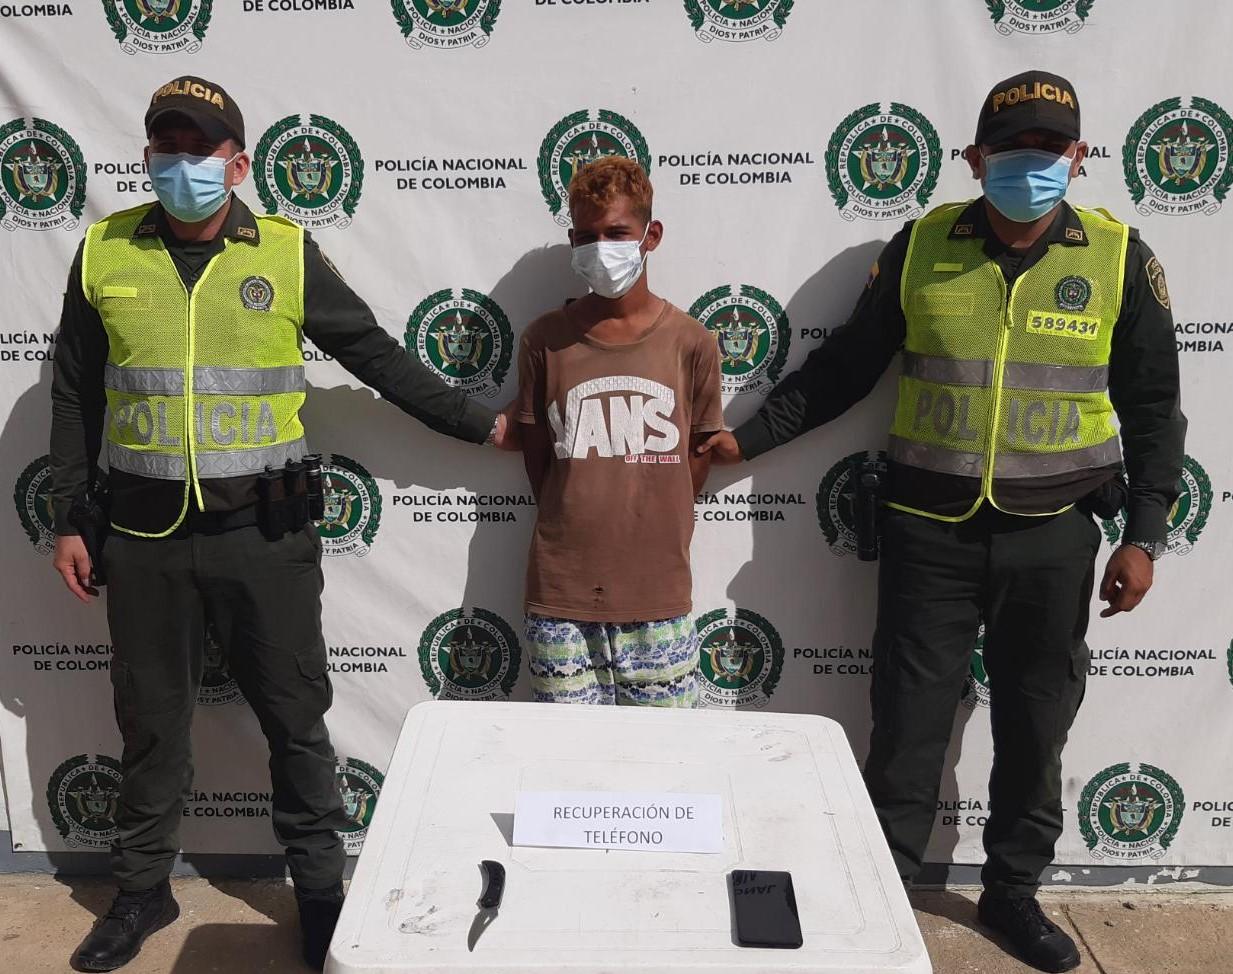 hoyennoticia.com, En Uribia comunidad detuvo un ladrón de celulares